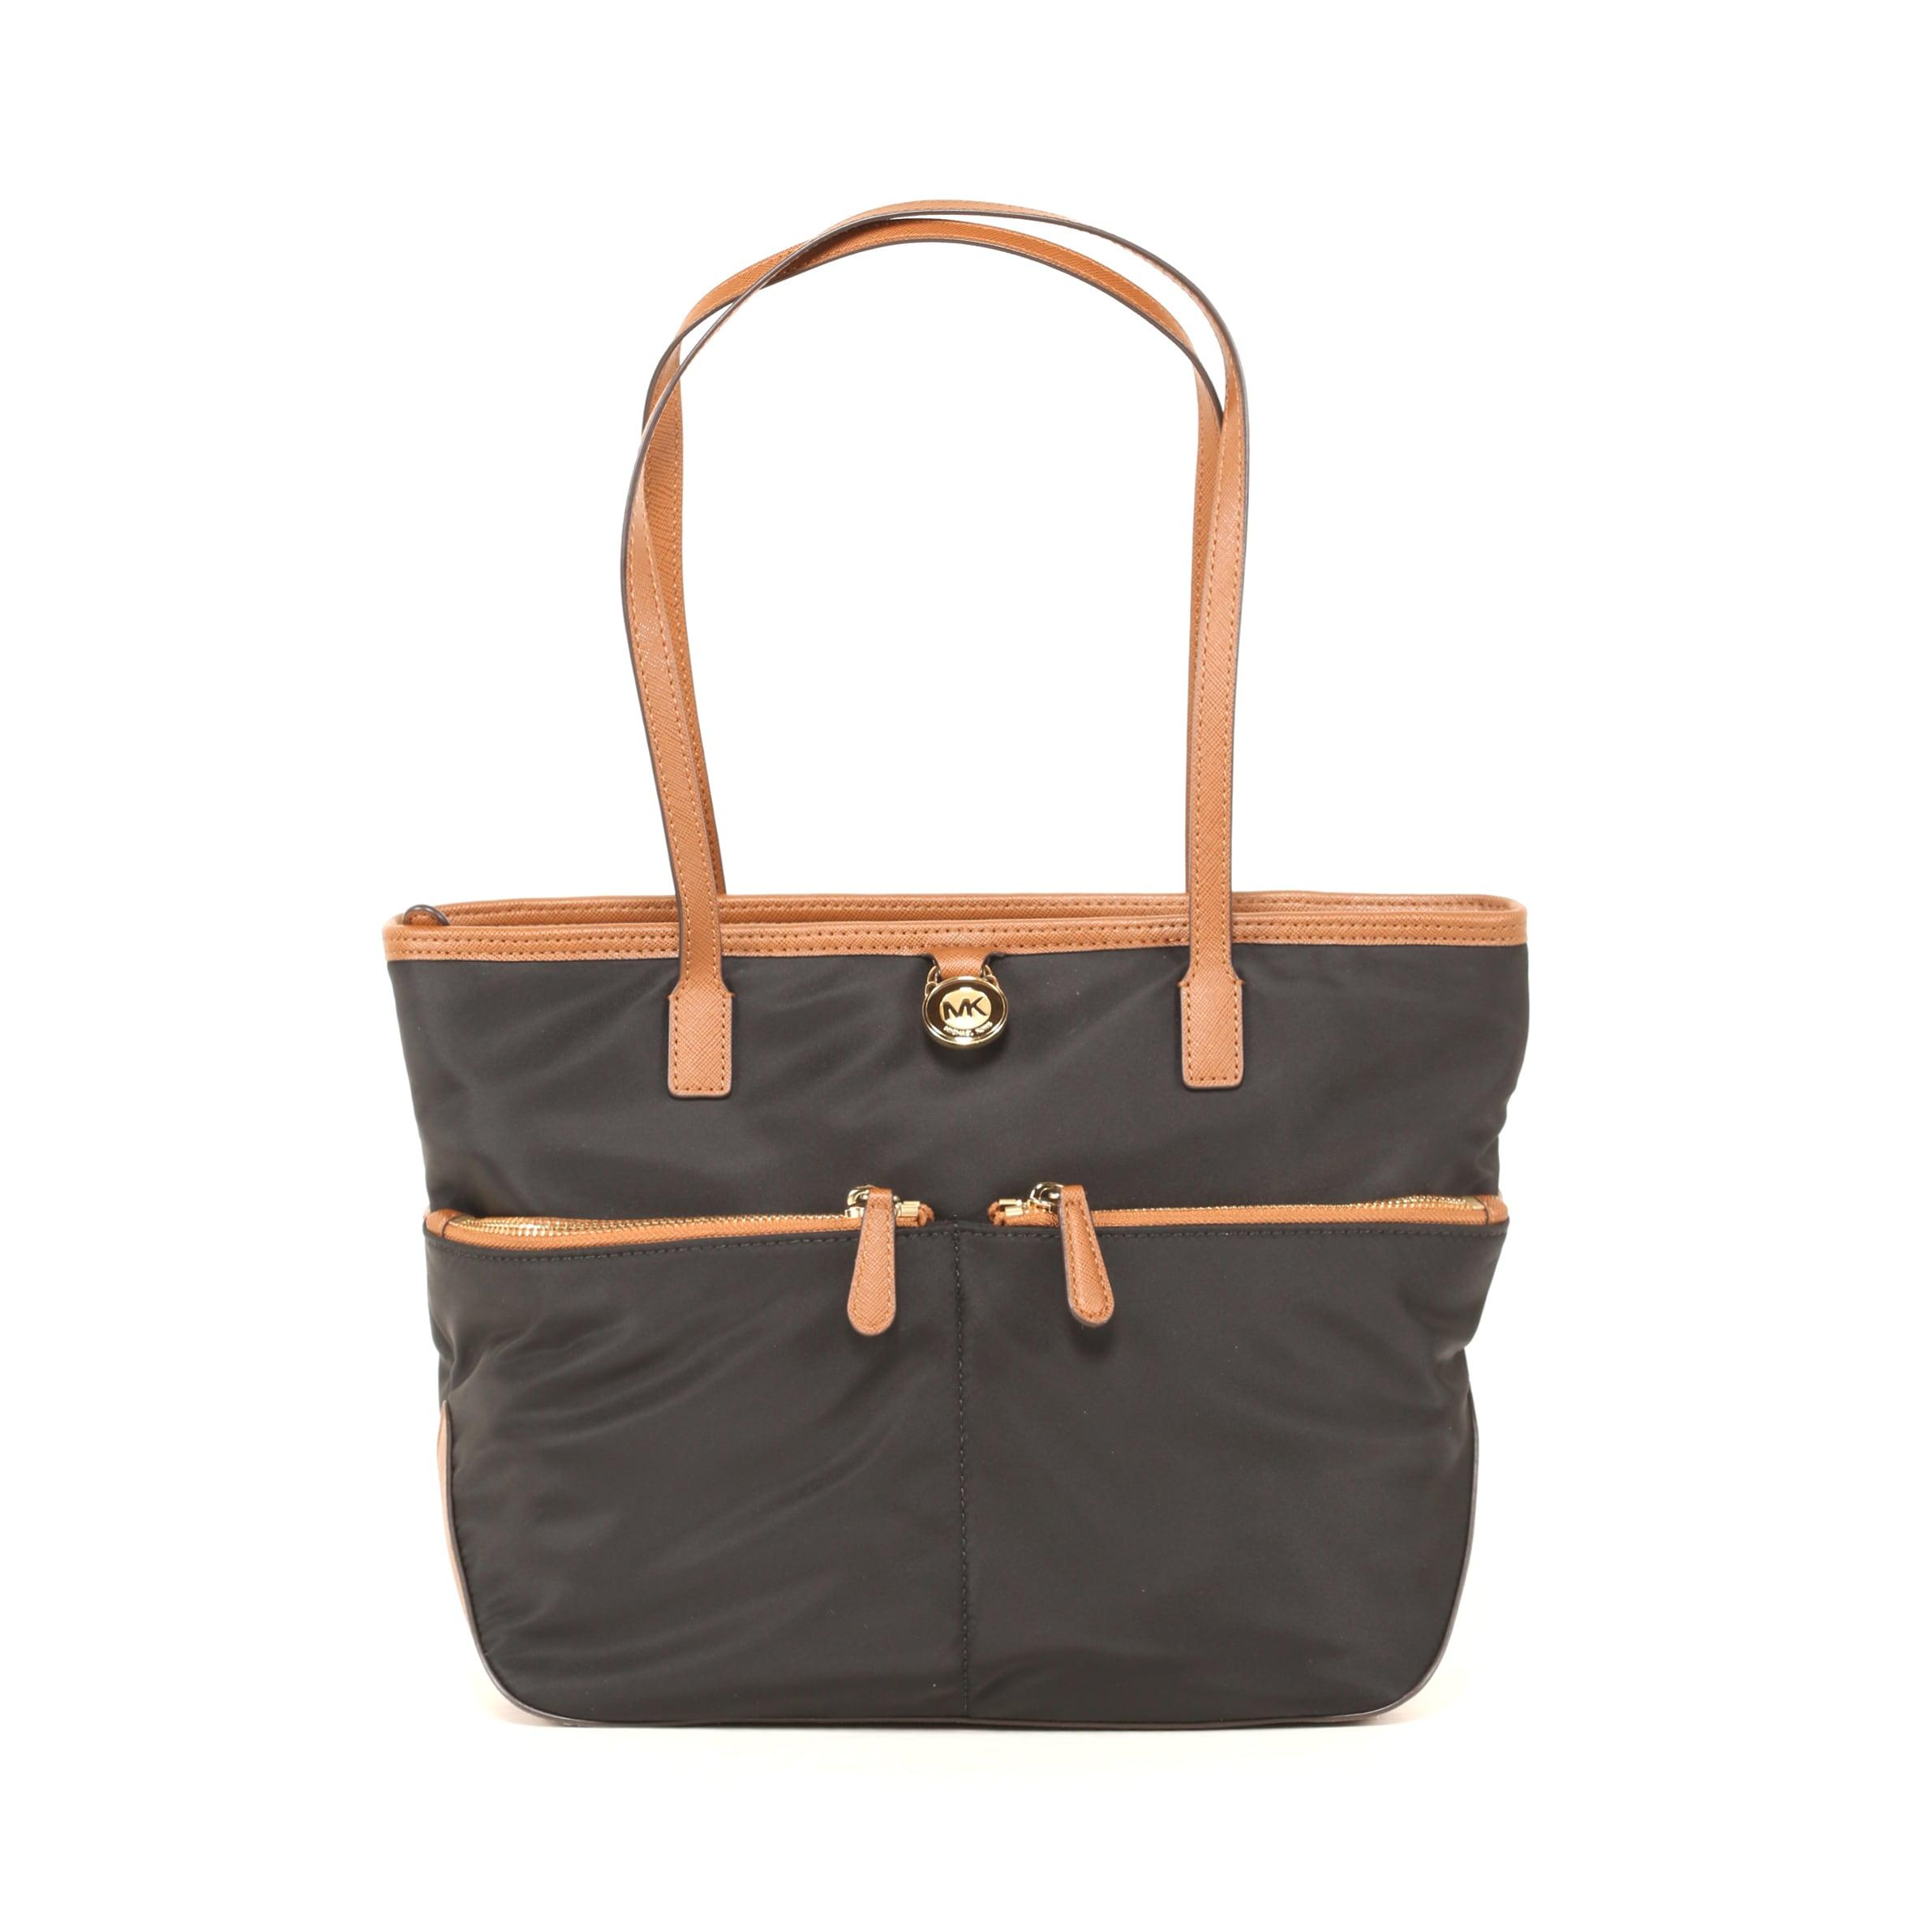 95bdfc3913d0 Shop Michael Kors Black Kempton Medium Nylon Tote Bag - Free ...